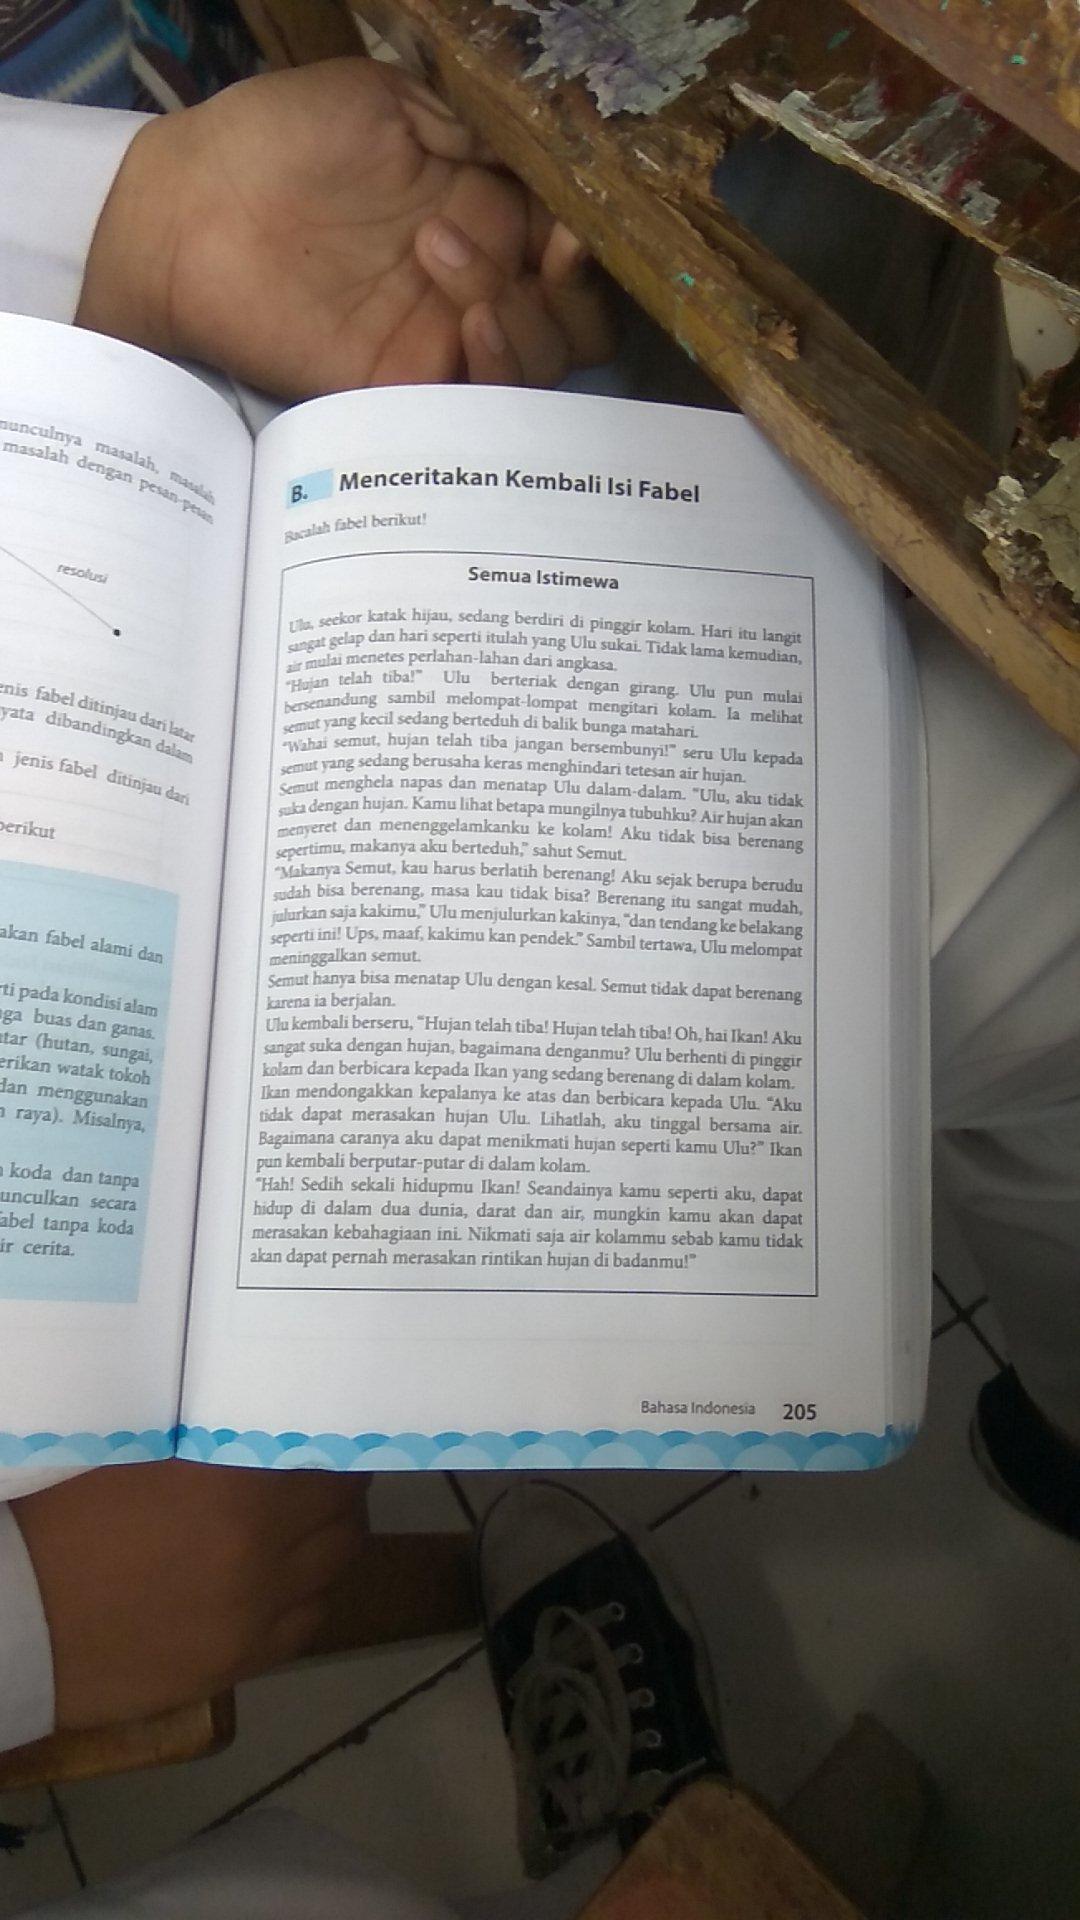 Contoh Fabel Koda Dan Tanpa Koda Download Gambar Online